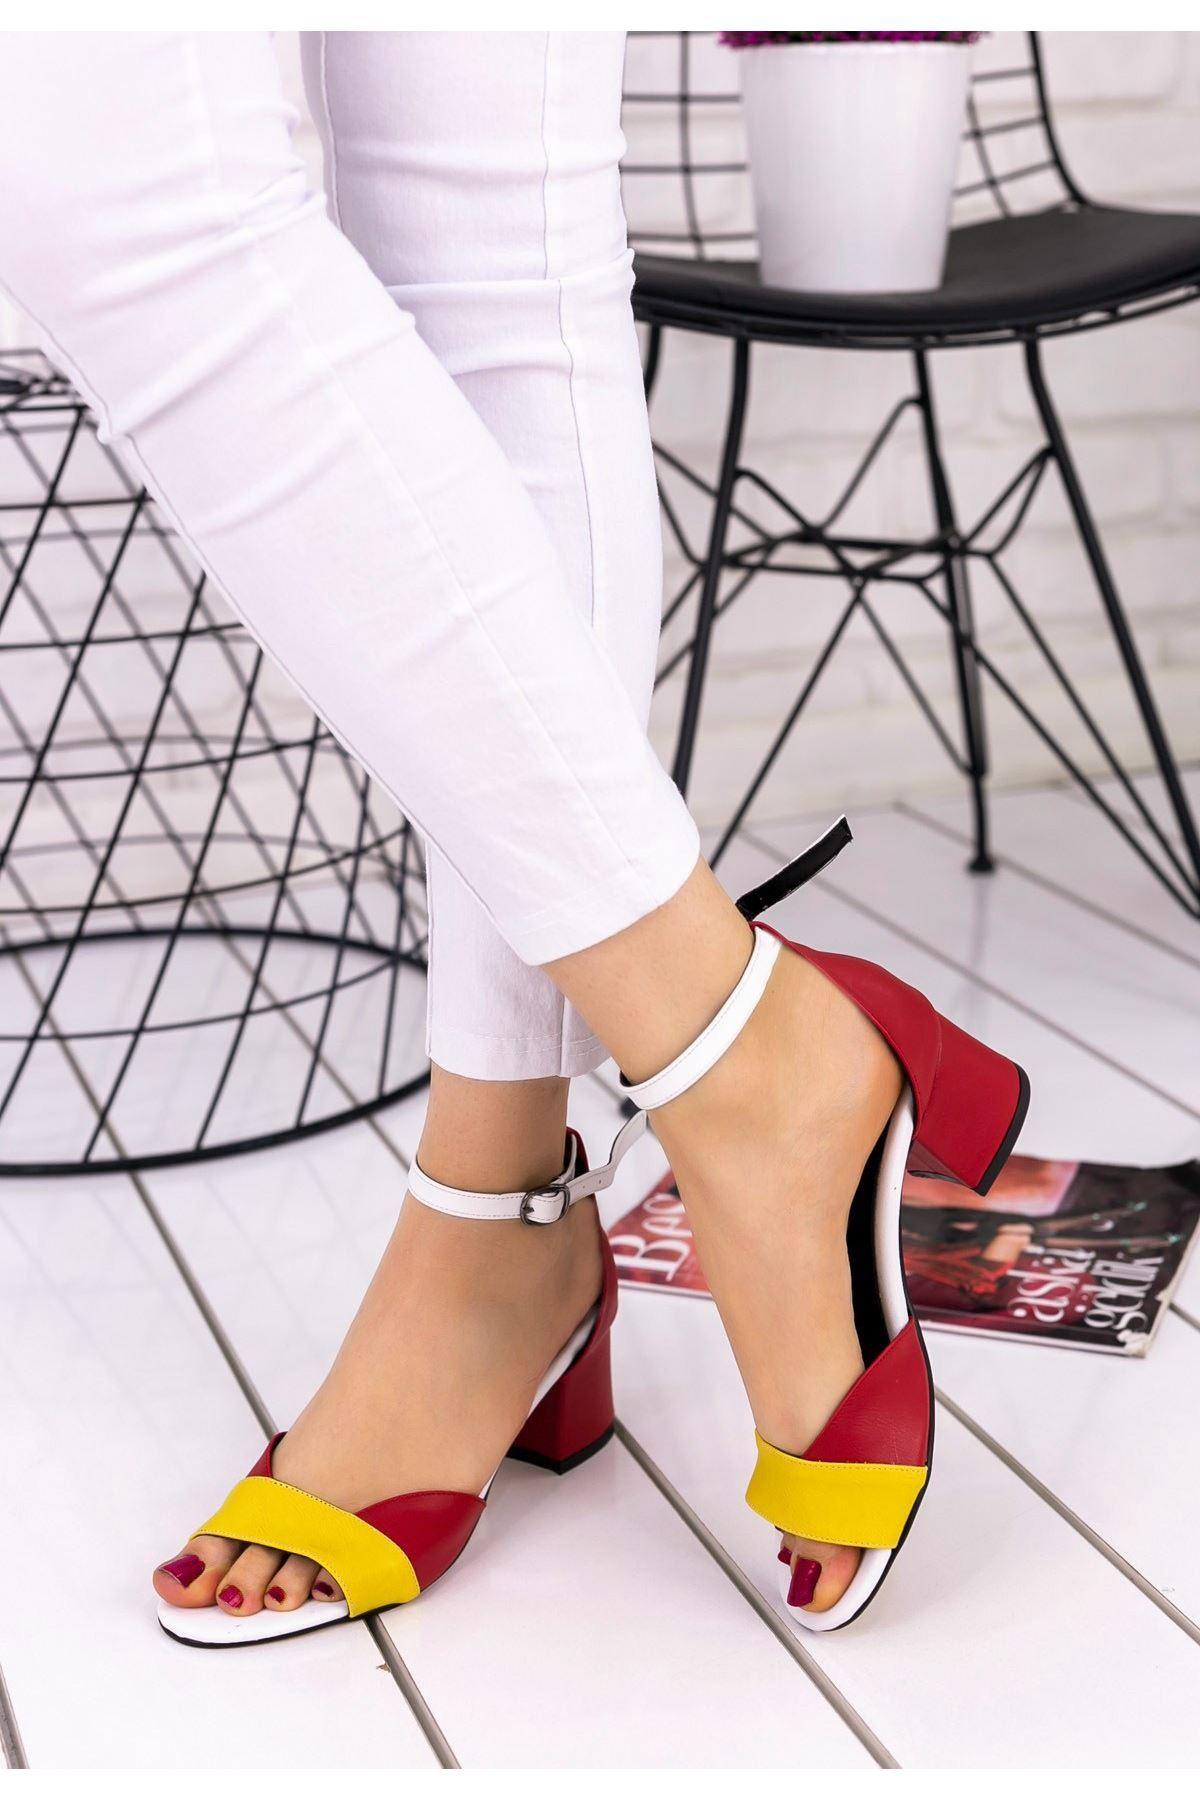 Kaina Sarı Cilt Renkli Topuklu Ayakkabı